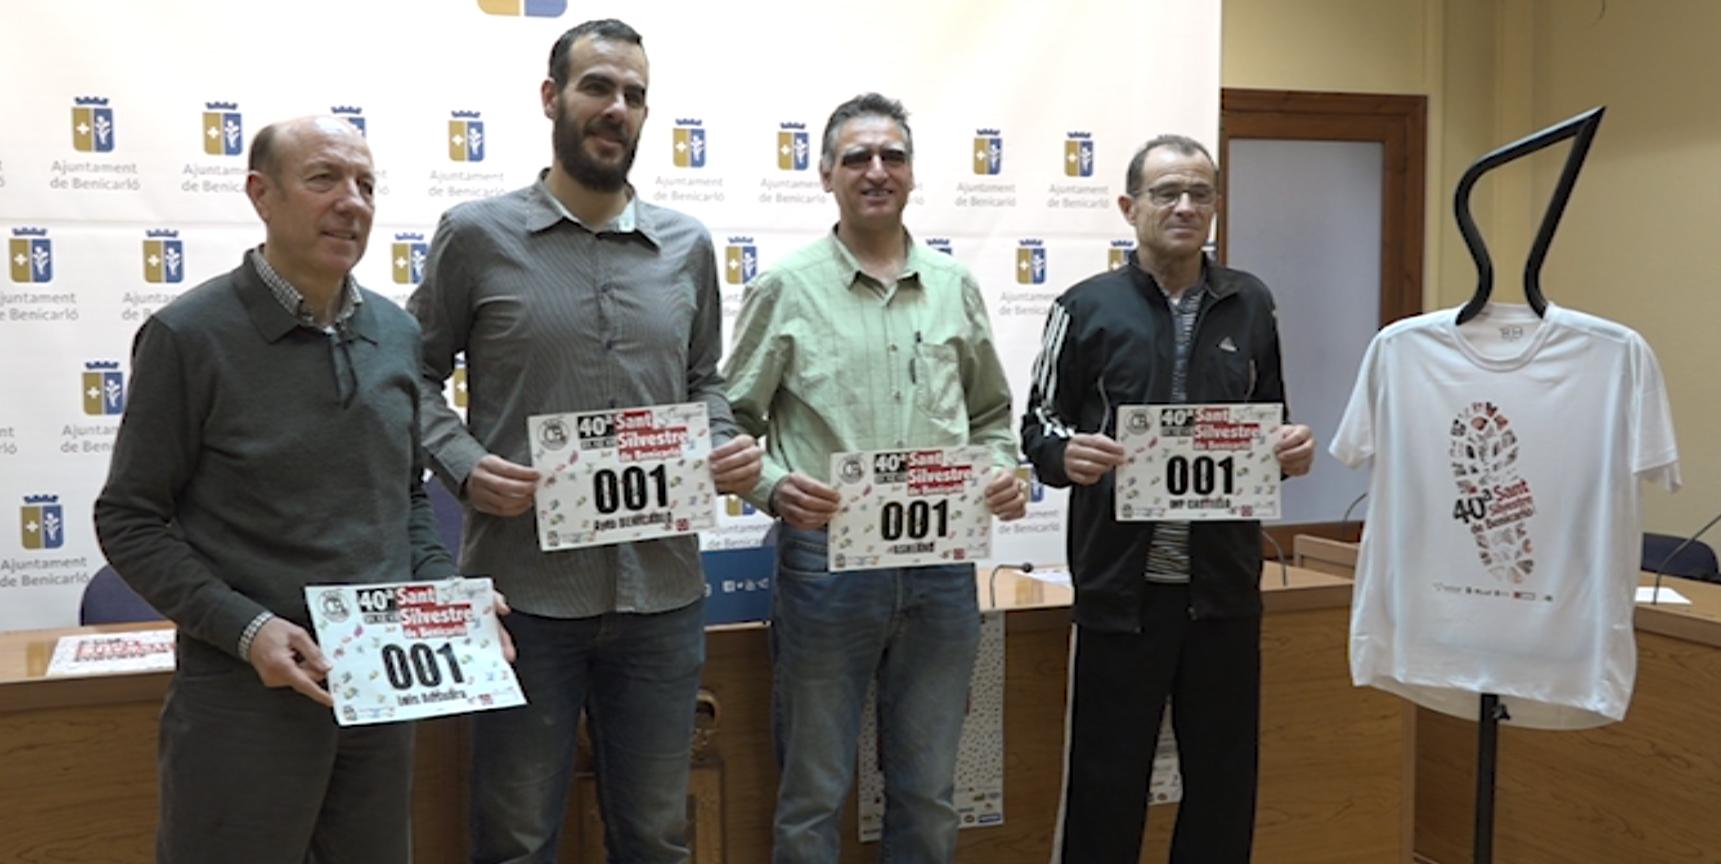 Benicarló, s'obre el termini d'inscripcions per a la Cursa de Sant Silvestre